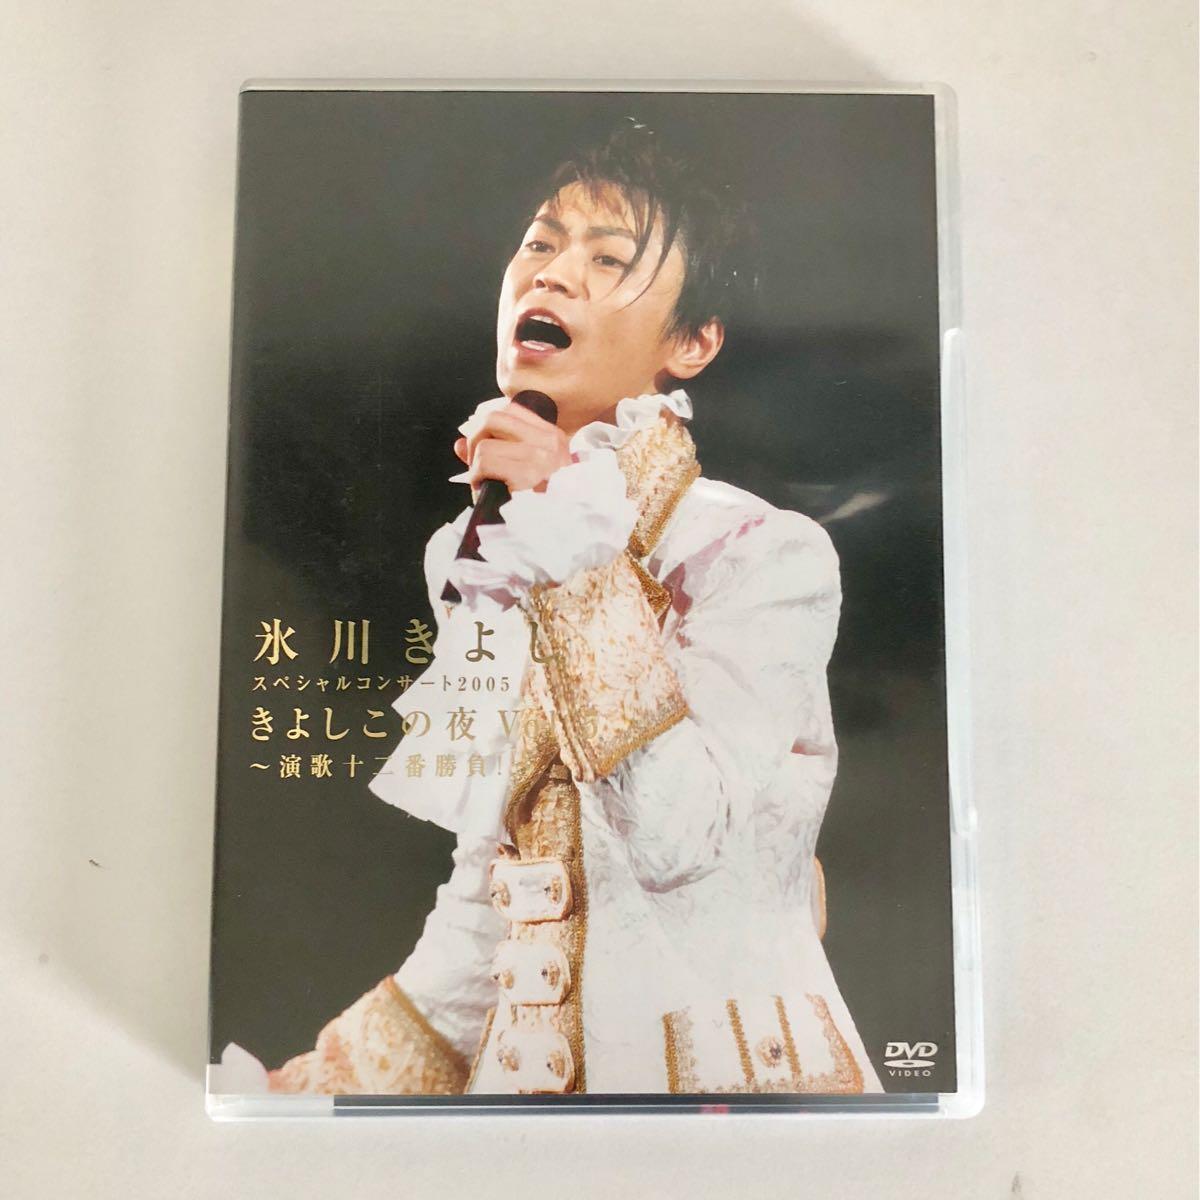 FC限定☆氷川きよし きよしこの夜 Vol.5 スペシャルコンサート2005 DVD ポストカード5枚つき